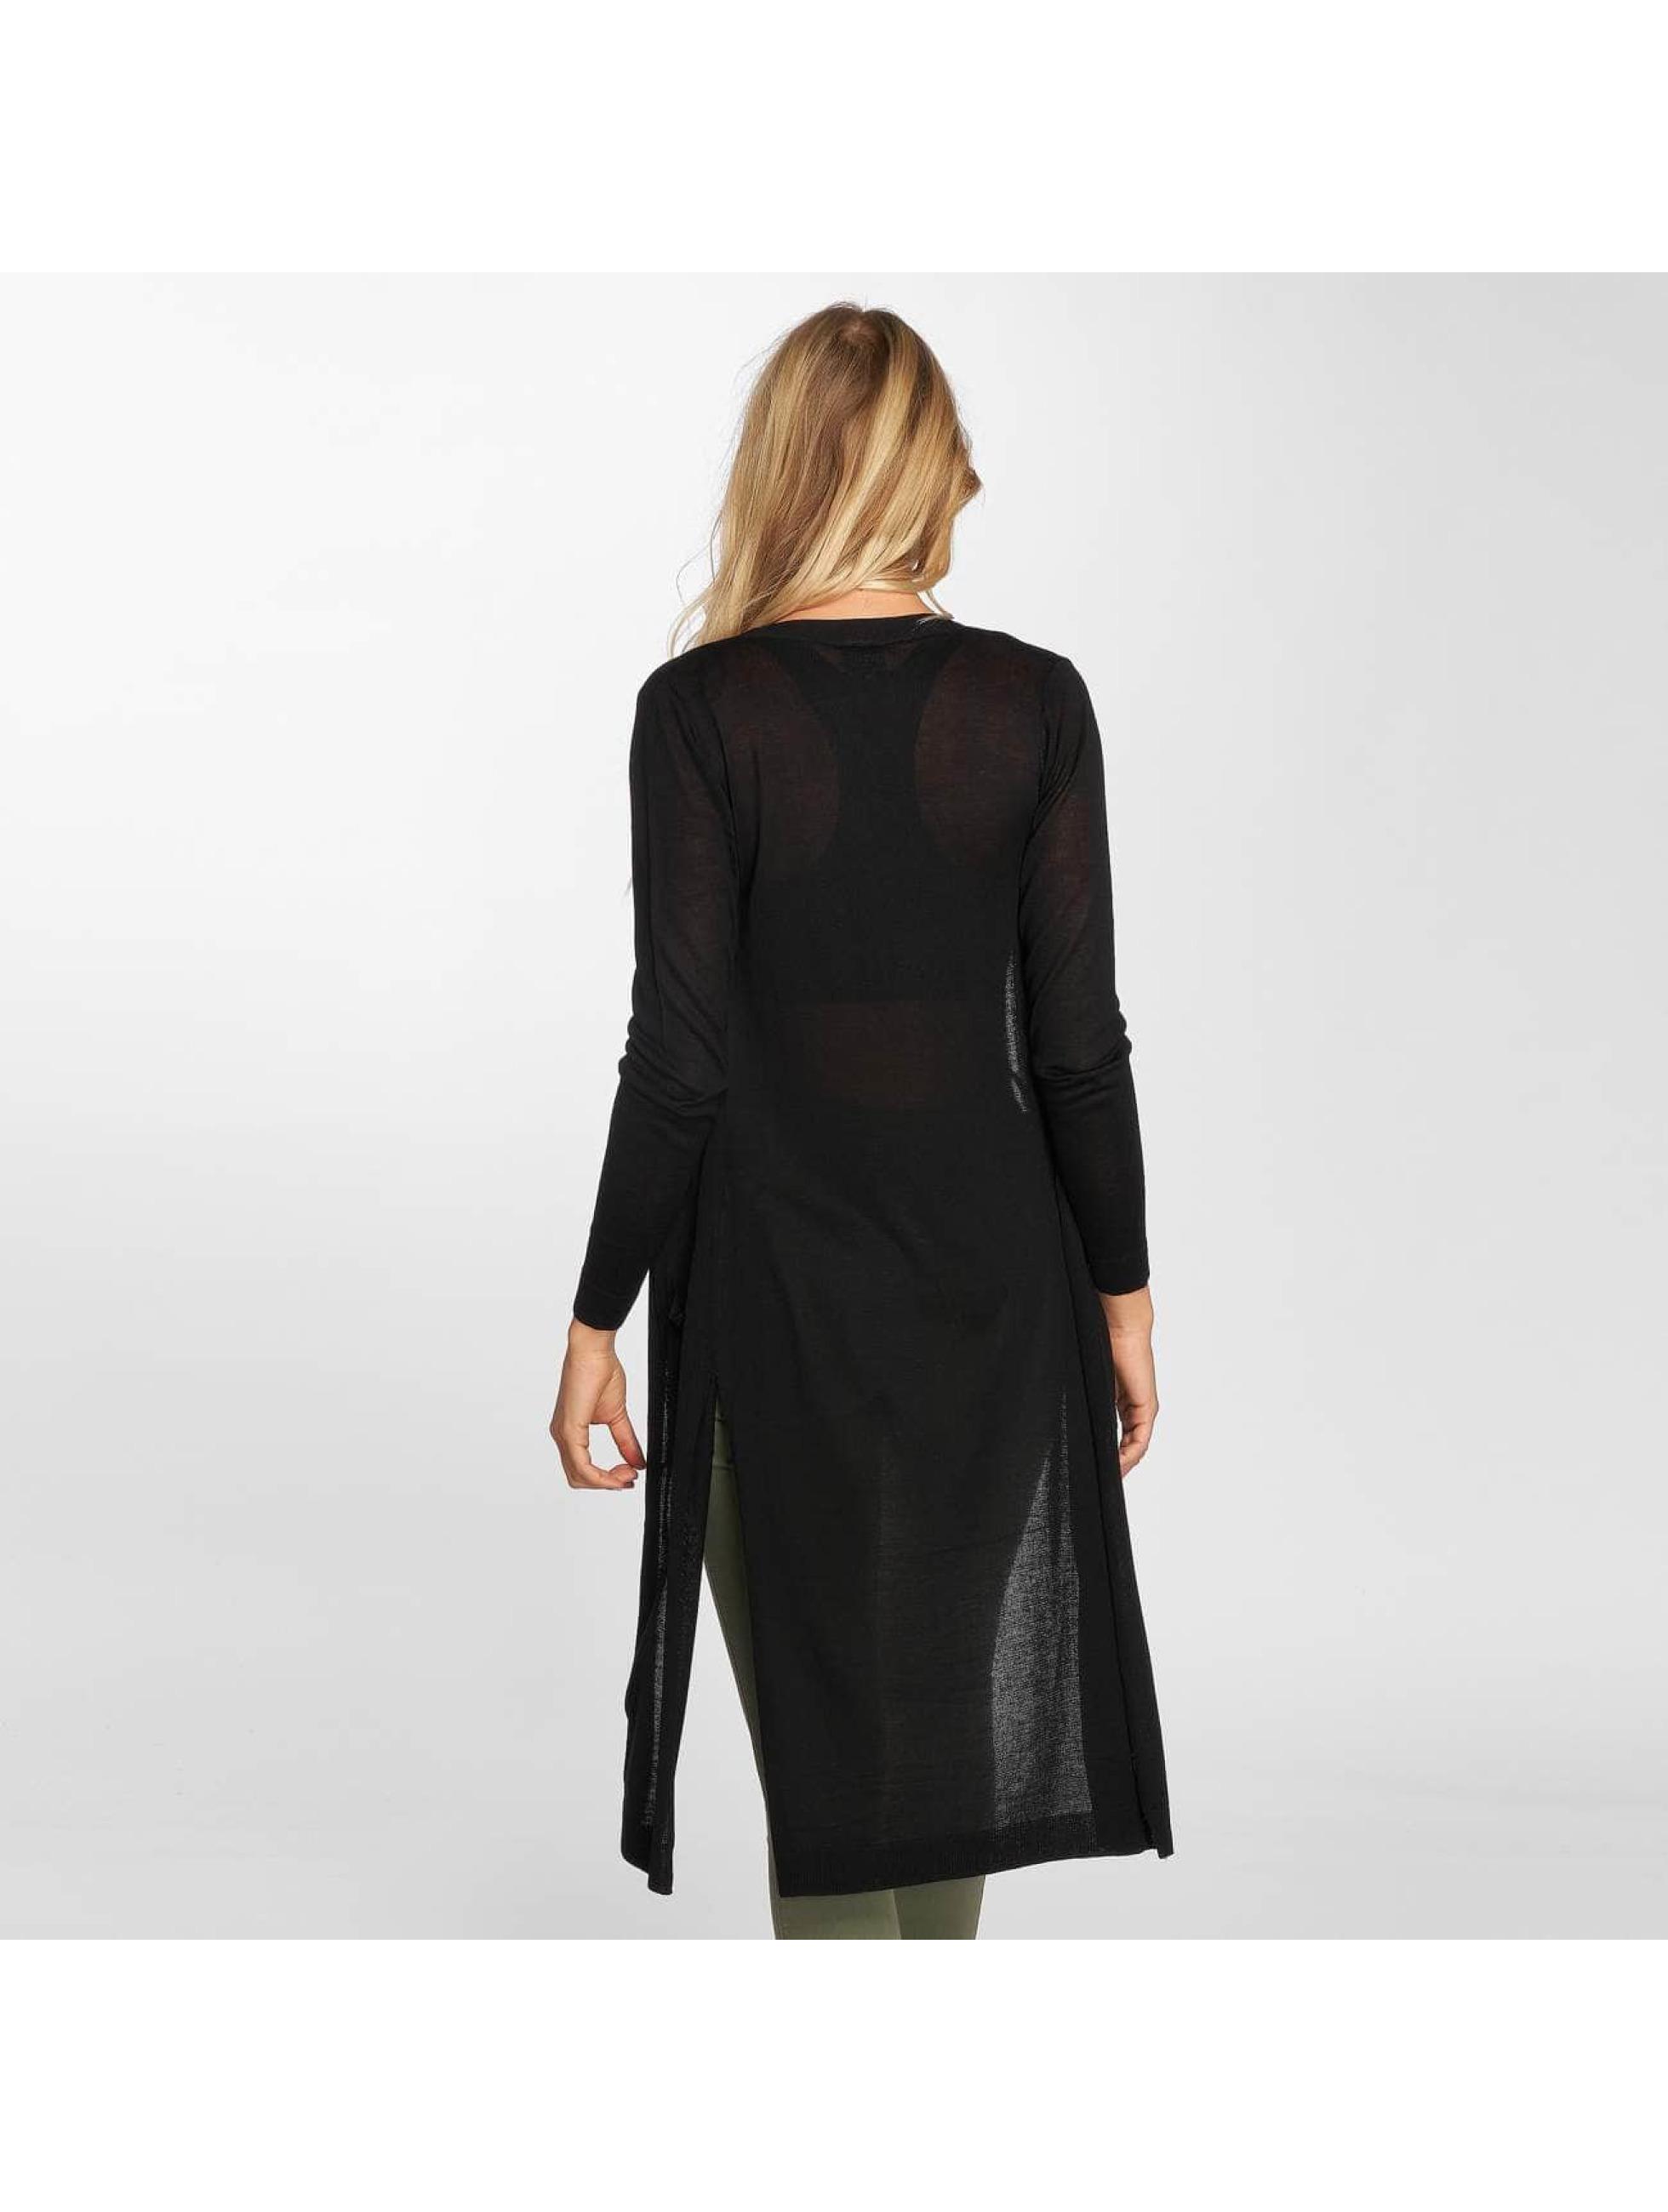 Urban Classics Strickjacke Ladies Fine Knit schwarz